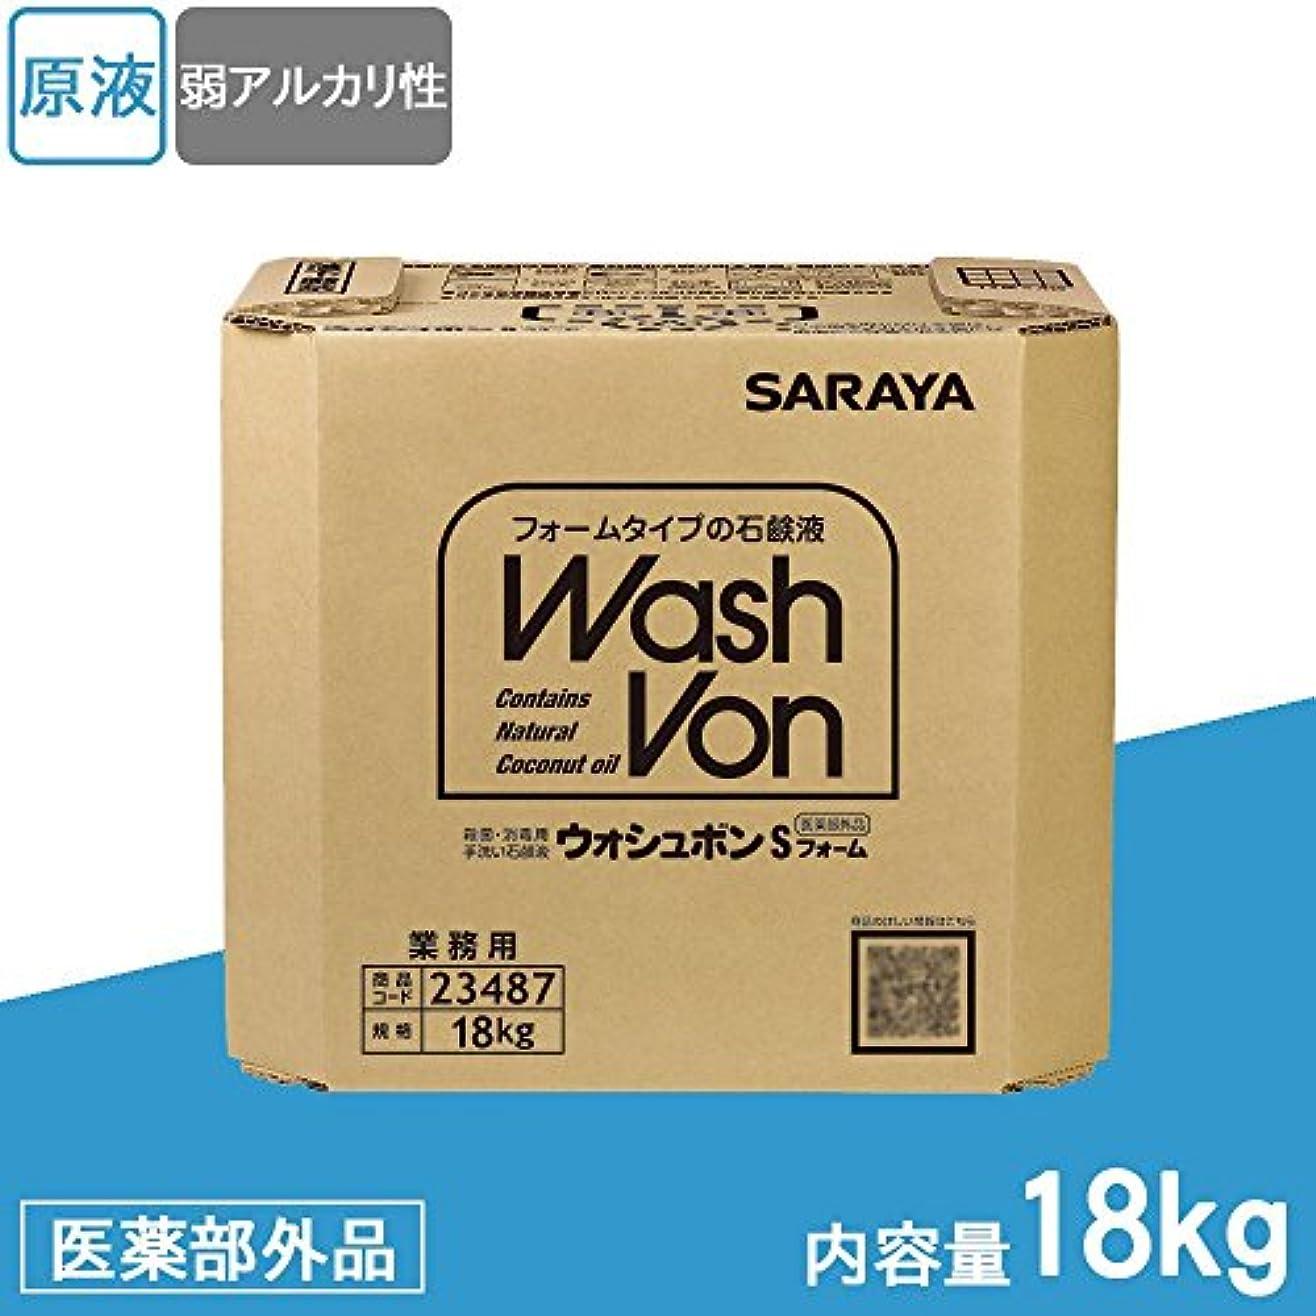 サラヤ 業務用 殺菌?消毒用手洗い石鹸液 ウォシュボンSフォーム 18kg BIB 23487 (医薬部外品)